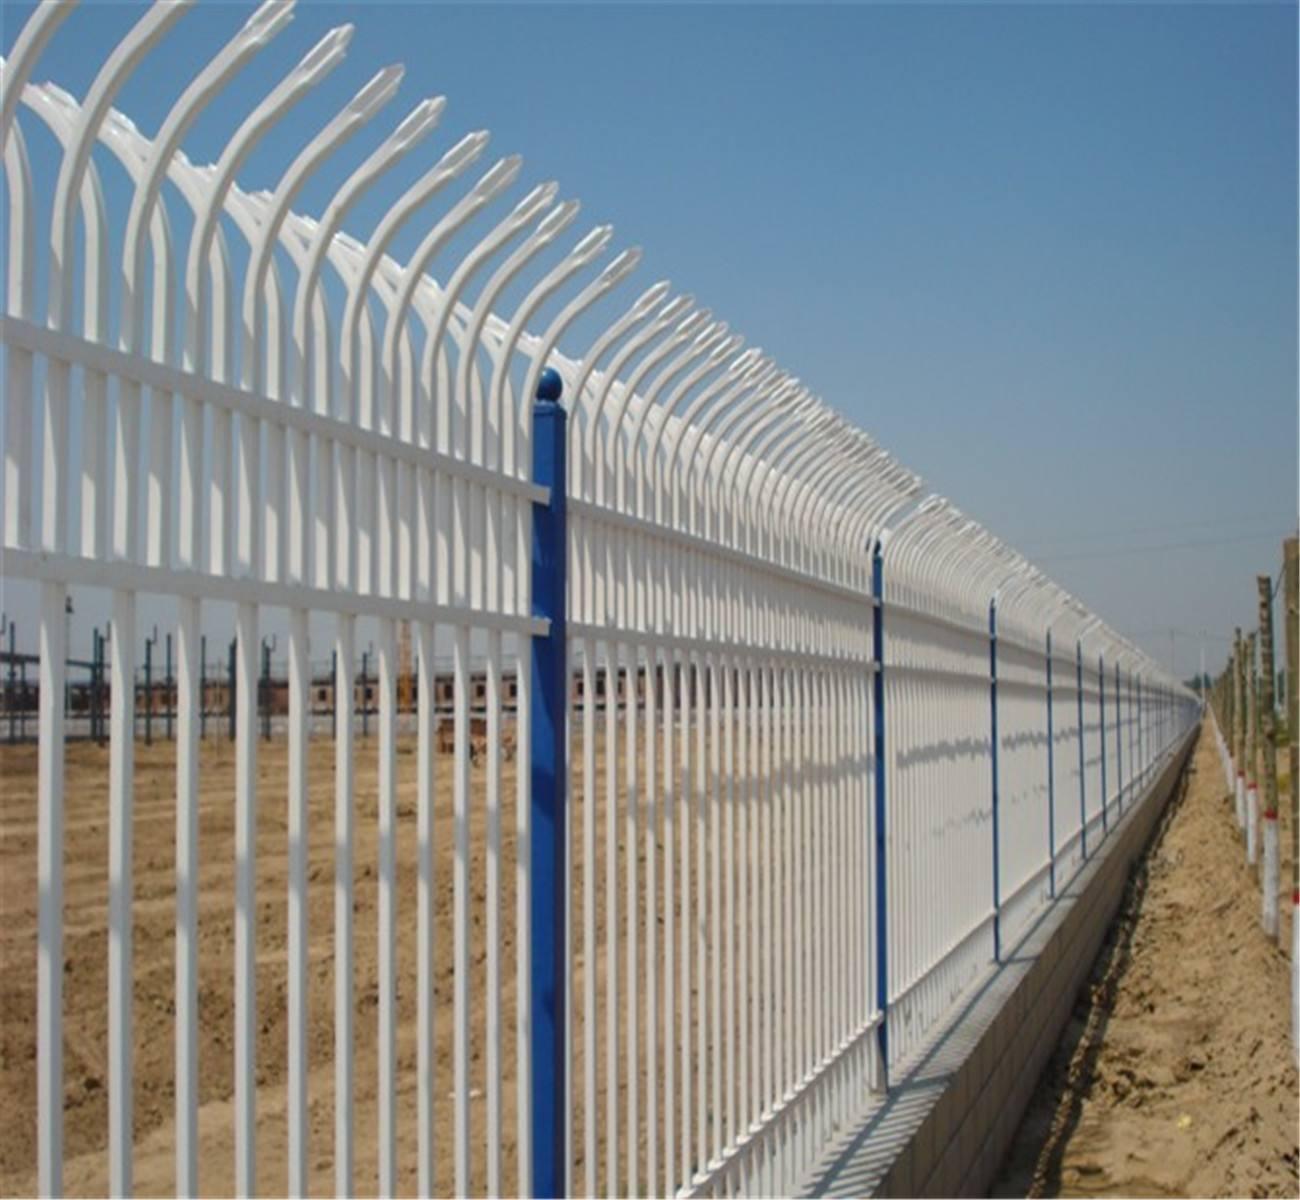 【广西道路锌钢围栏价格】广西道路锌钢围栏图片 - 中国供应商